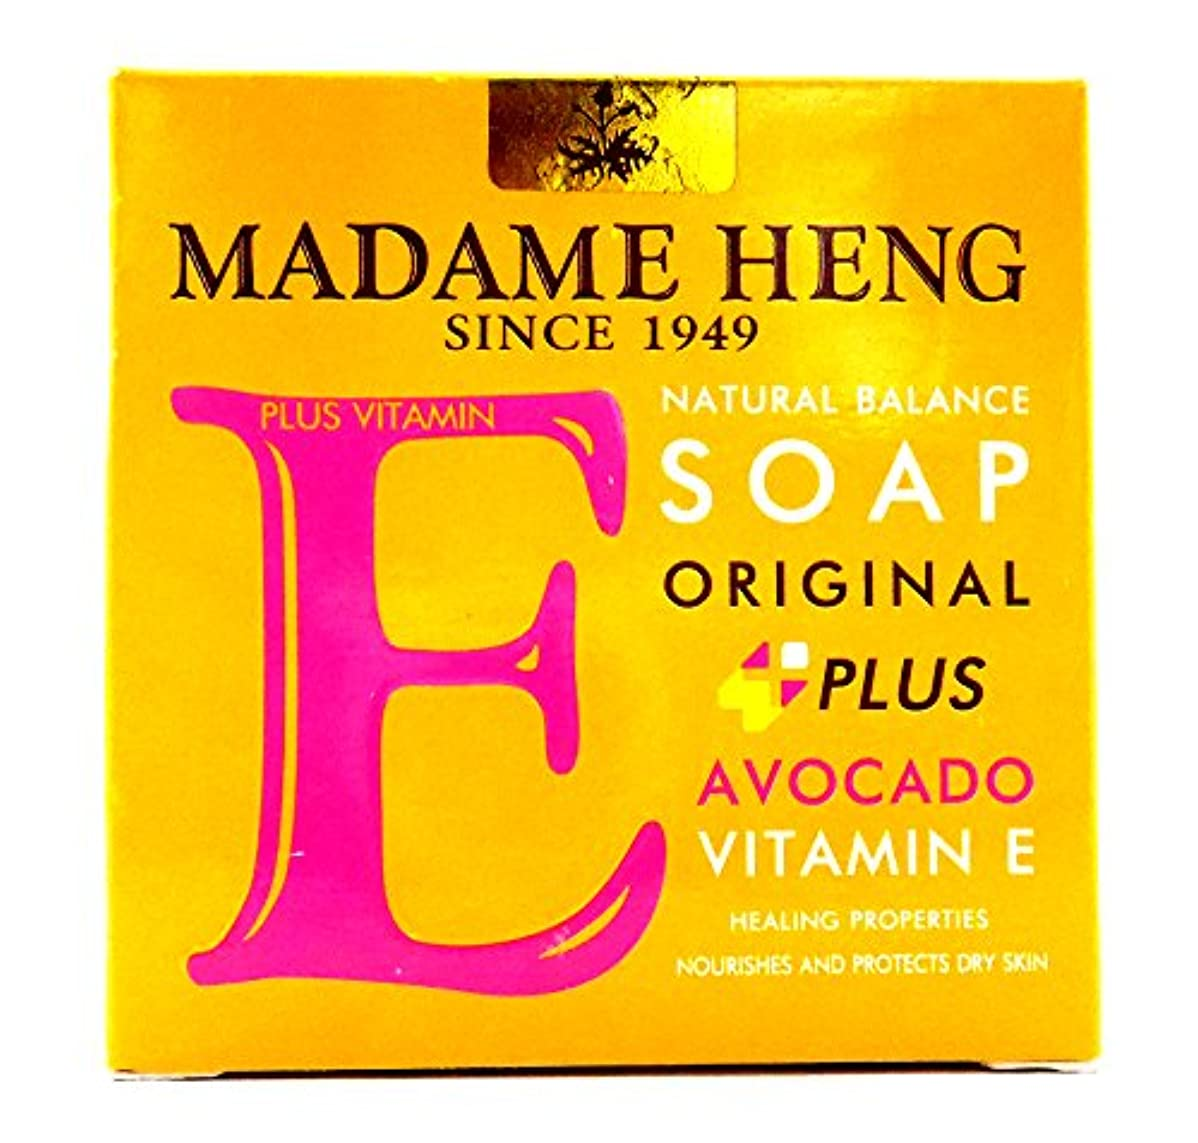 文字通り誰でもテラス(マダム?ヘン)MADAME HENG ナチュラルソープ 150g (アボカド)